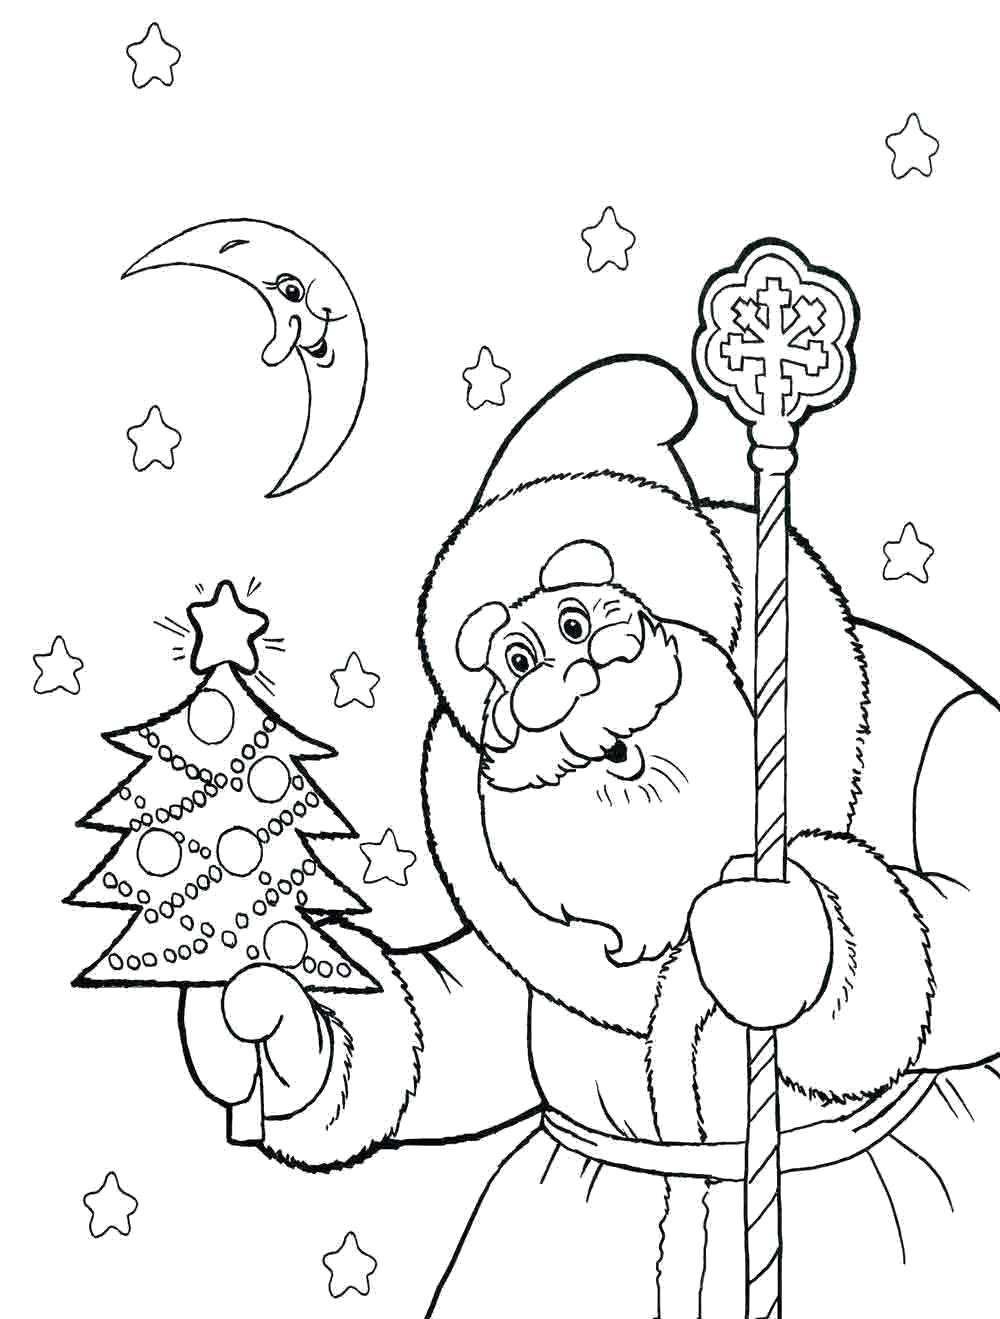 Раскраска дед мороз держит елку в руках. Скачать дед мороз и елка.  Распечатать Дед мороз